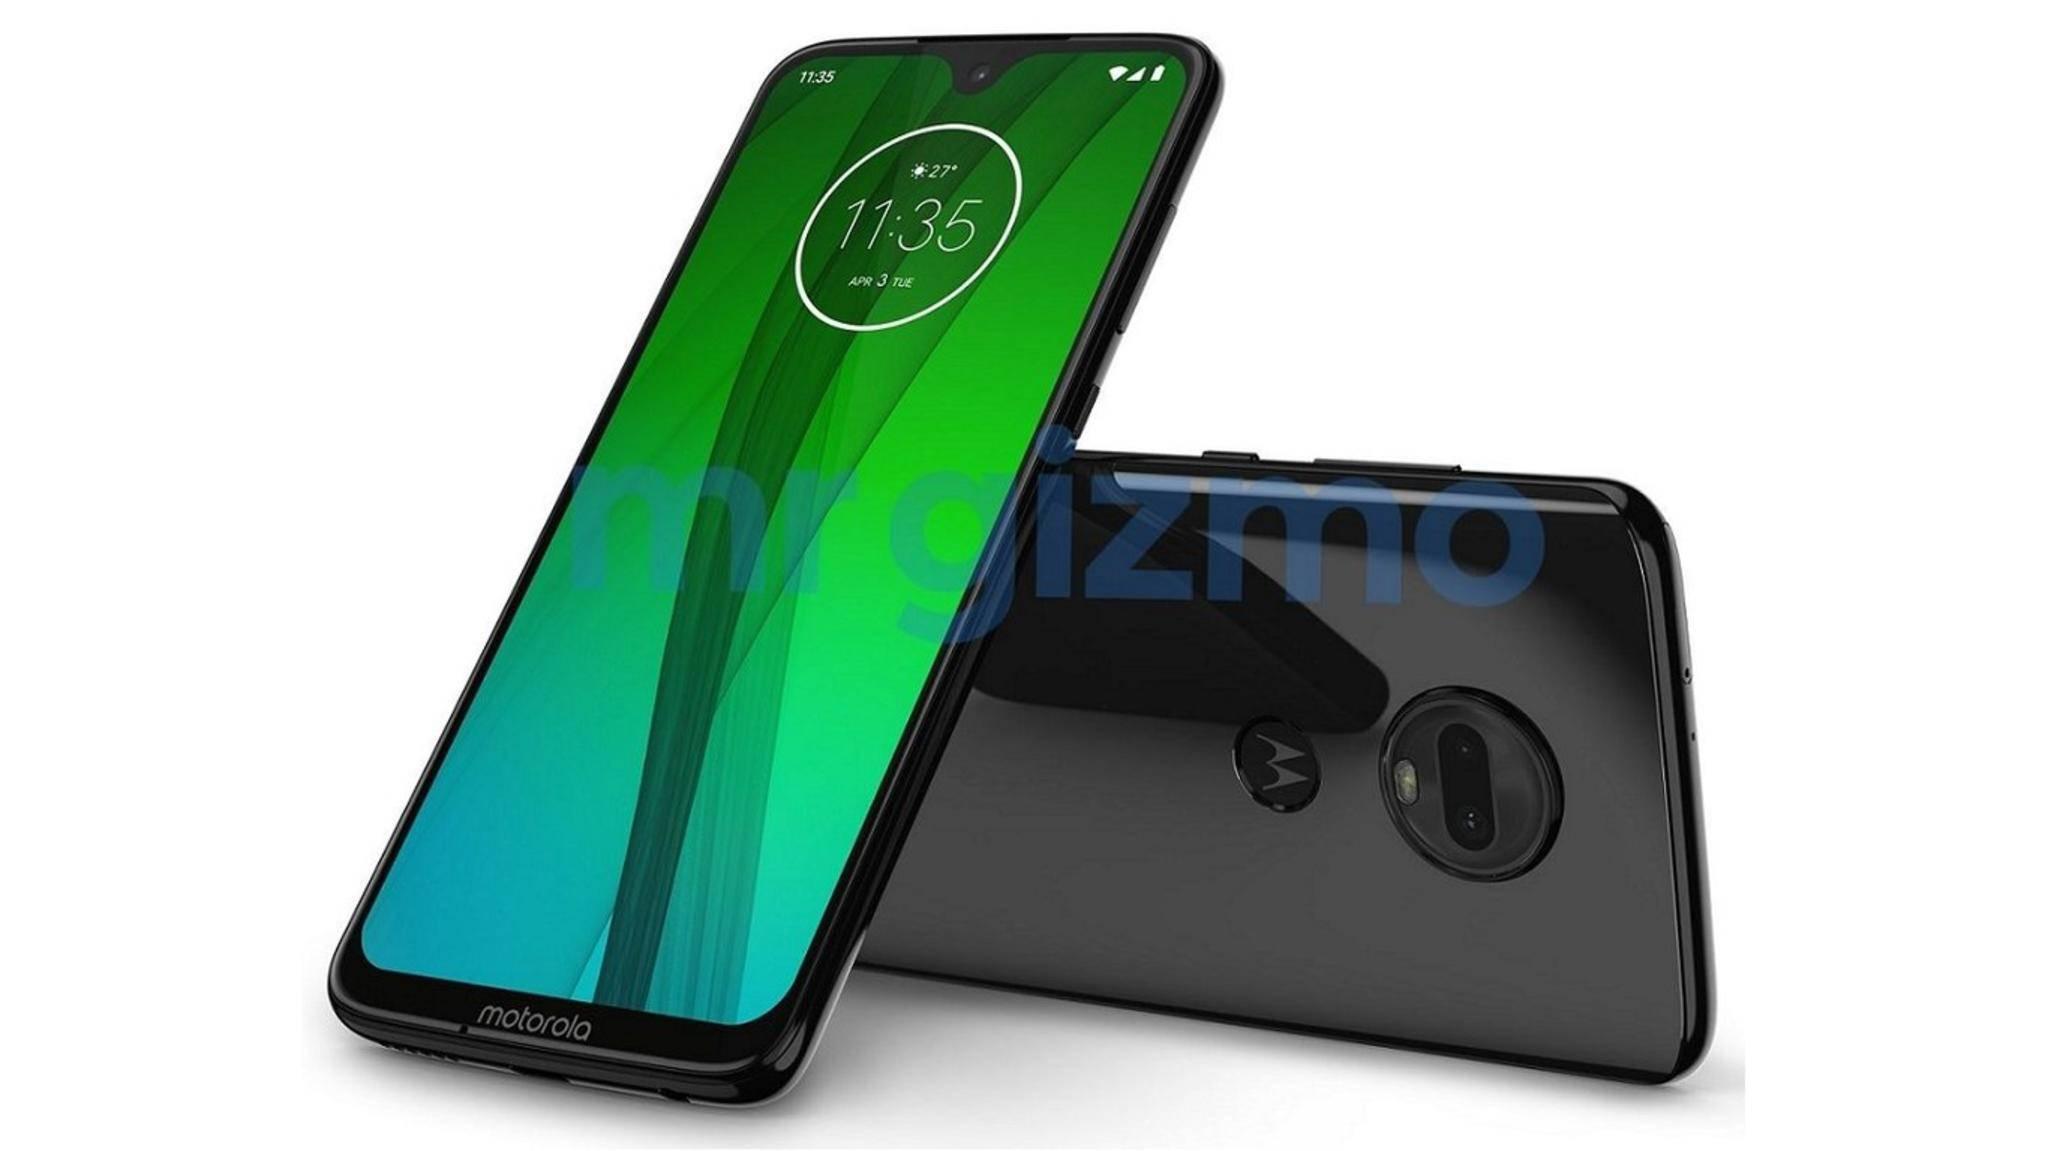 Motorola Moto G7: Kommt mit Wassertropfen-Notch und Dual-Kamera